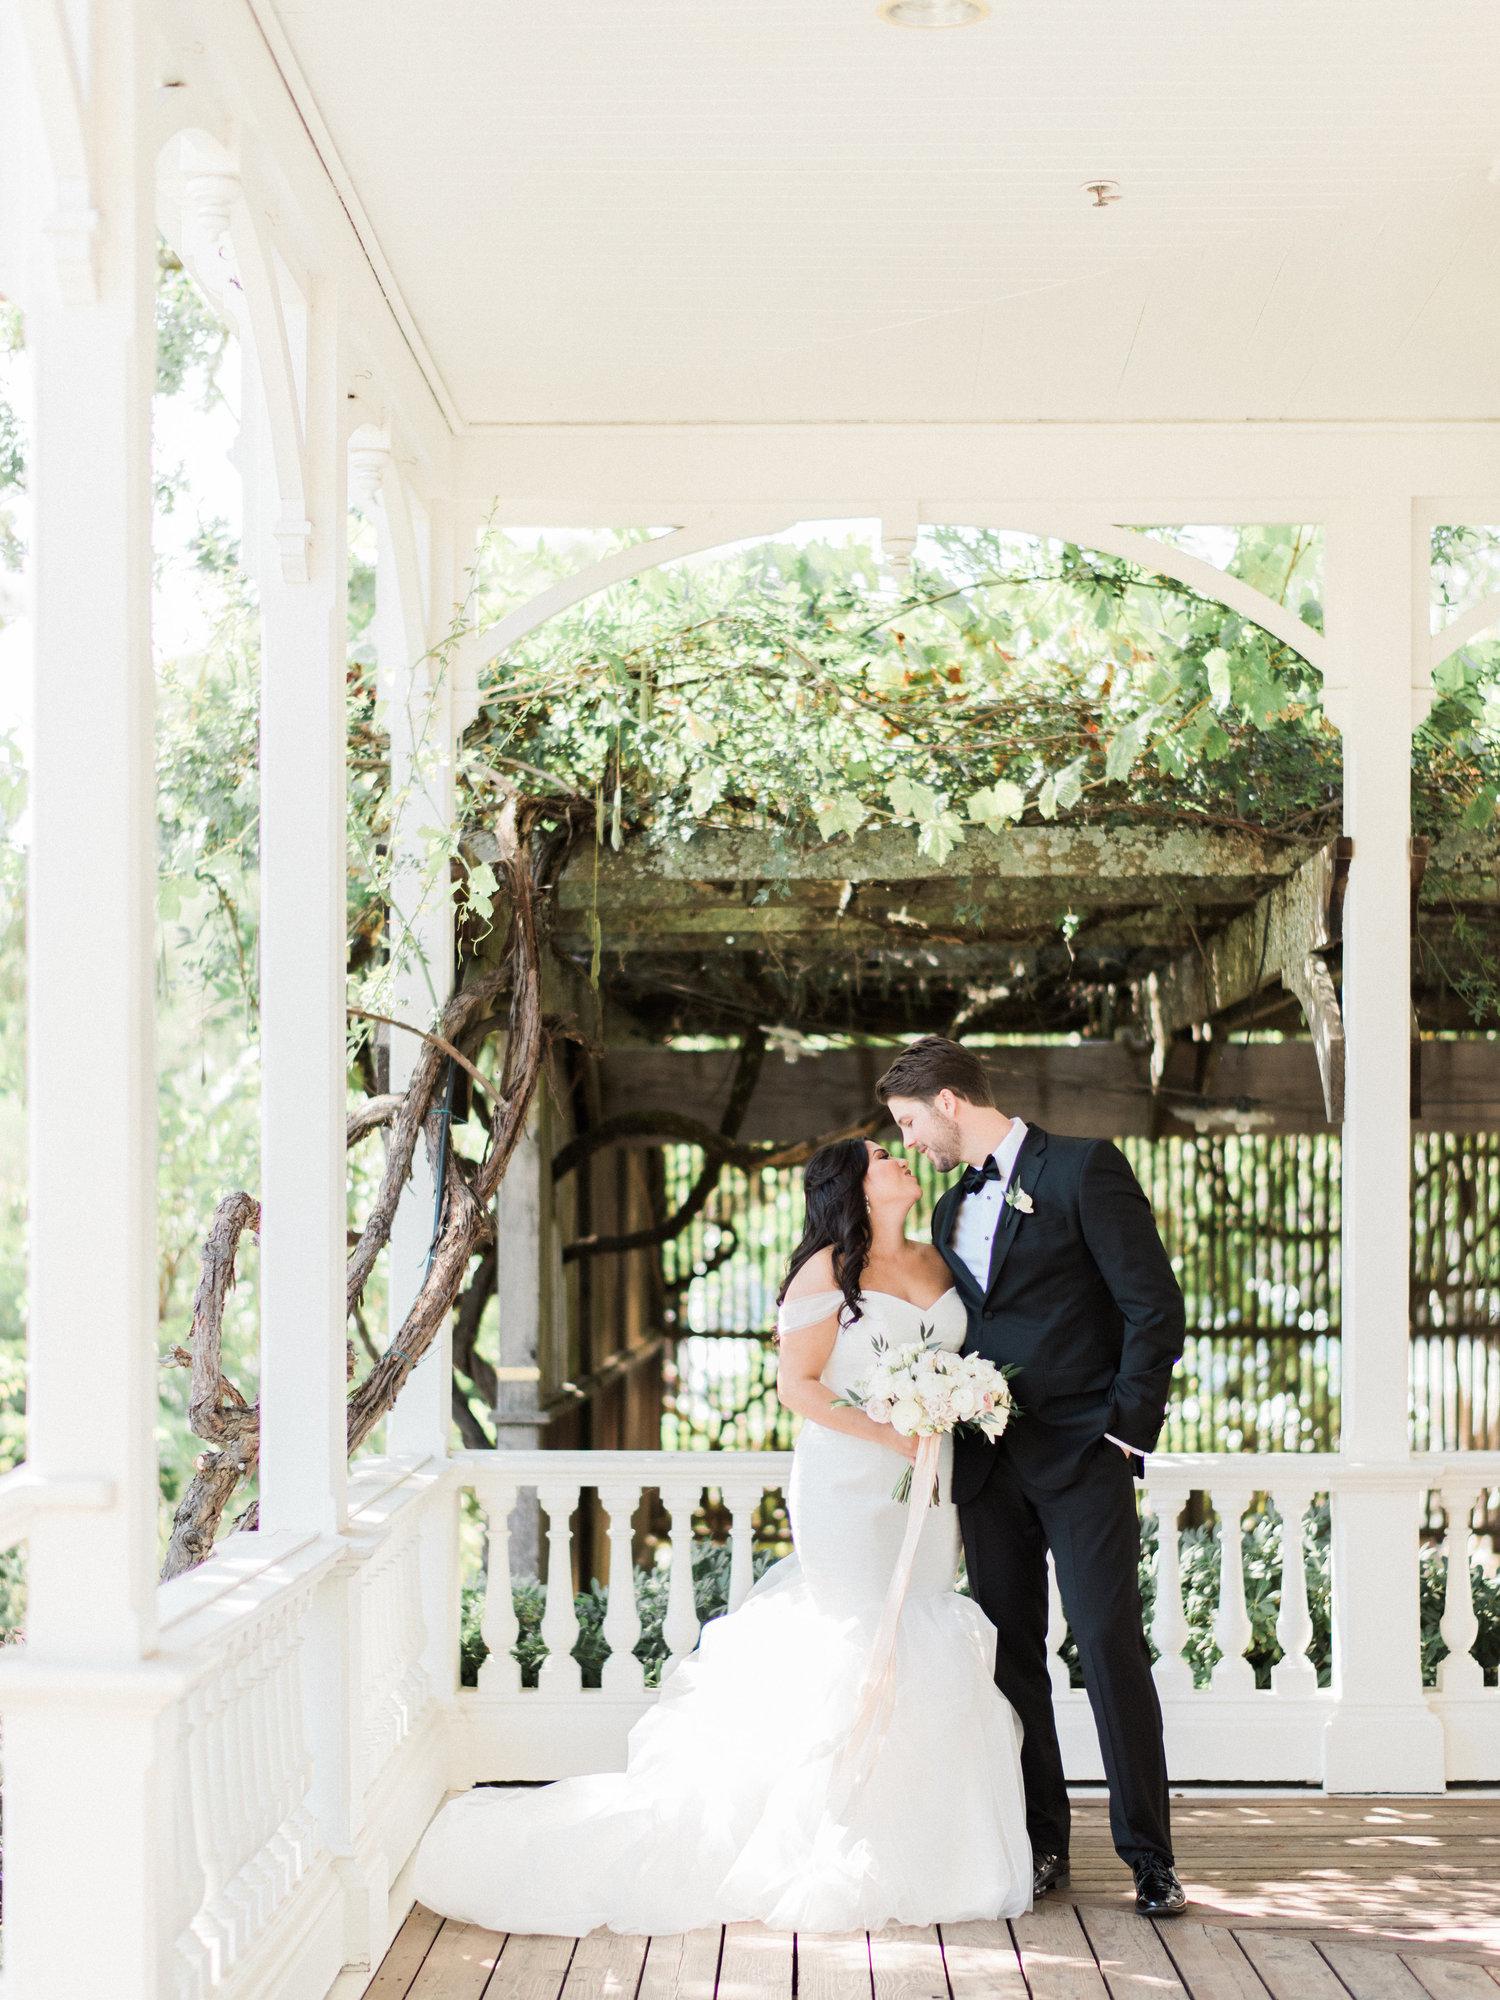 celineandchris-wedding-265.jpg